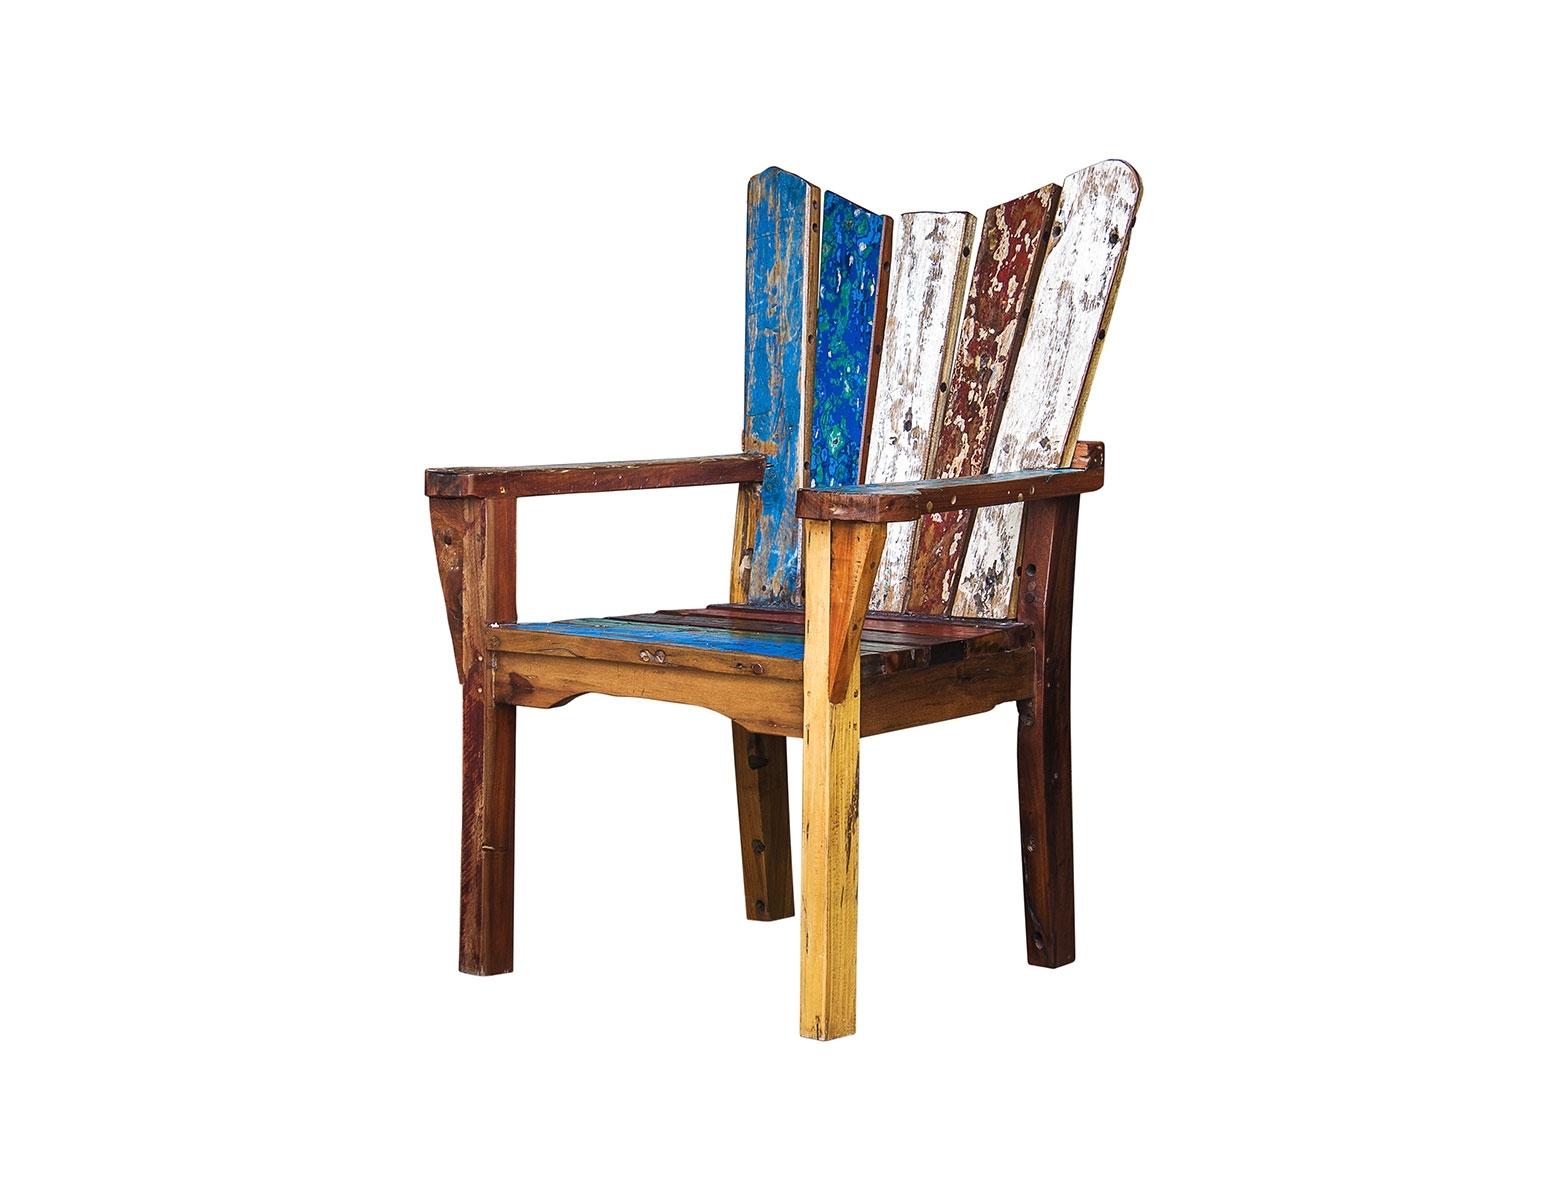 Кресло ЧеховПолукресла<br>Кресло, выполненное из массива древесины старого рыбацкого судна, такой как: тик, махагон, суар, с сохранением оригинальной многослойной окраски.<br><br>С 2 подлокотниками, подходит для работы и отдыха.<br>Подходит для использования как внутри помещения, так и снаружи.<br>Сборка не требуется.<br><br>Material: Тик<br>Width см: 75<br>Depth см: 65<br>Height см: 110